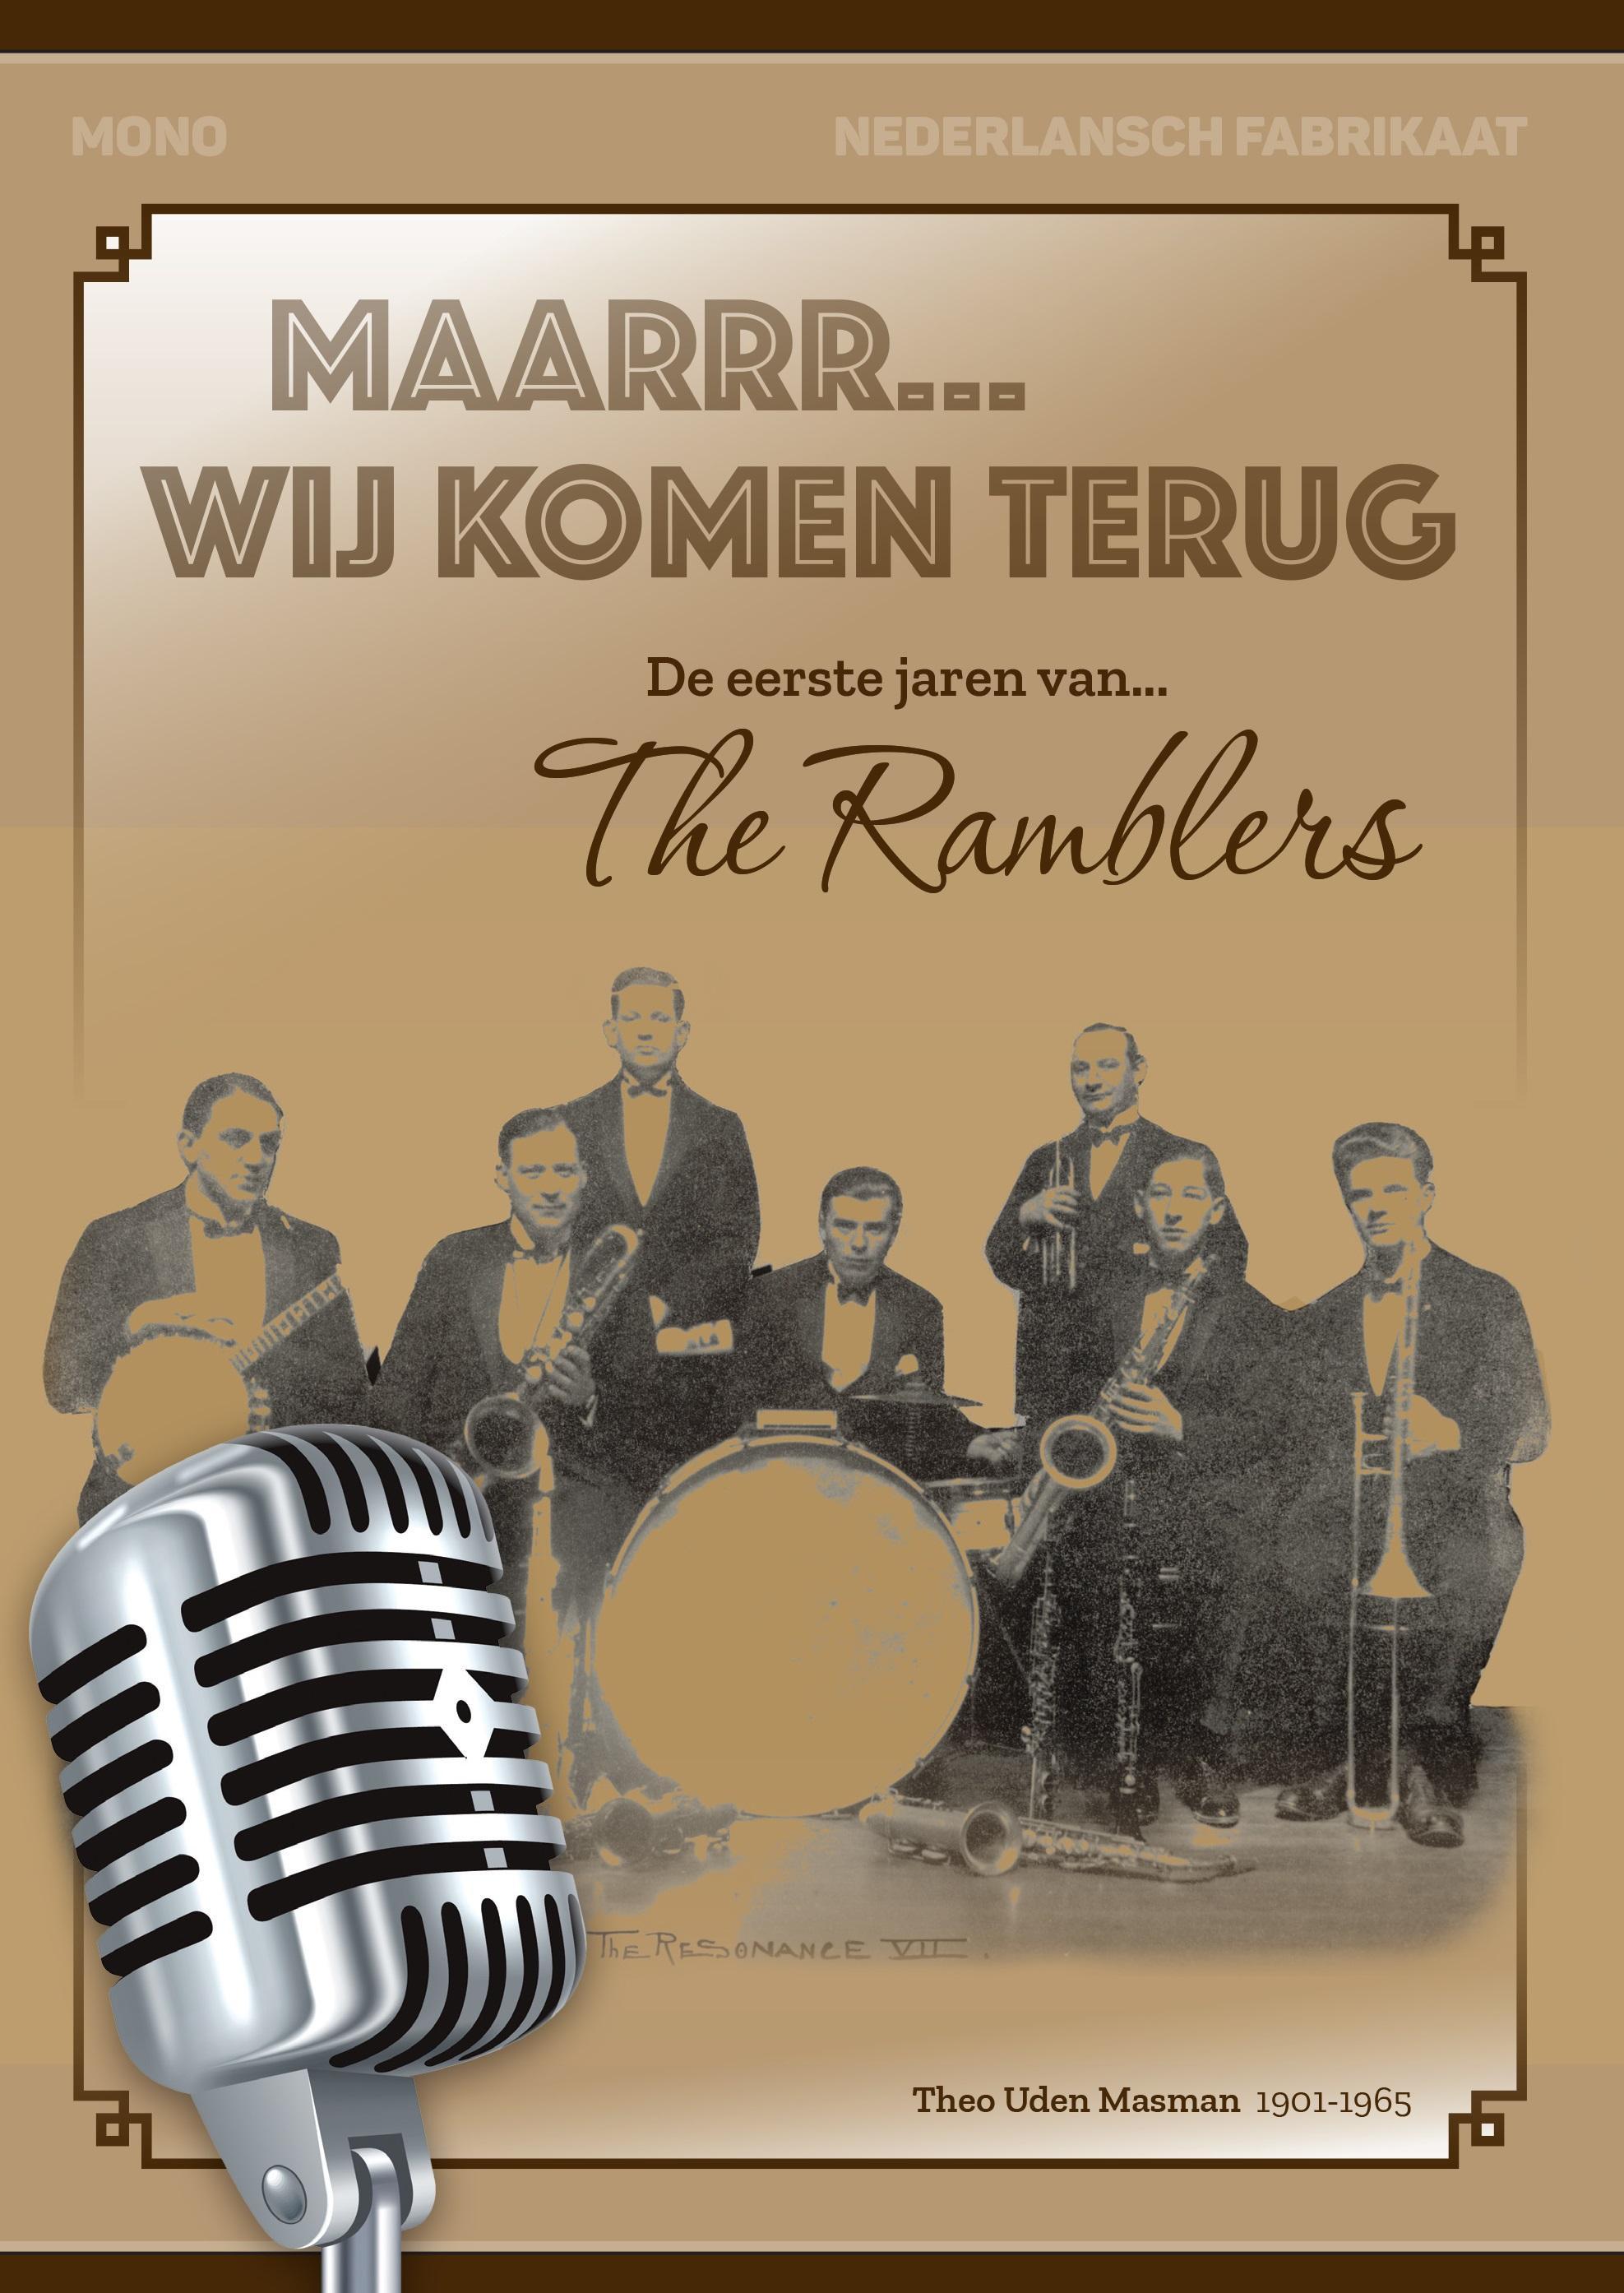 Boek over de eerste jaren van the Ramblers